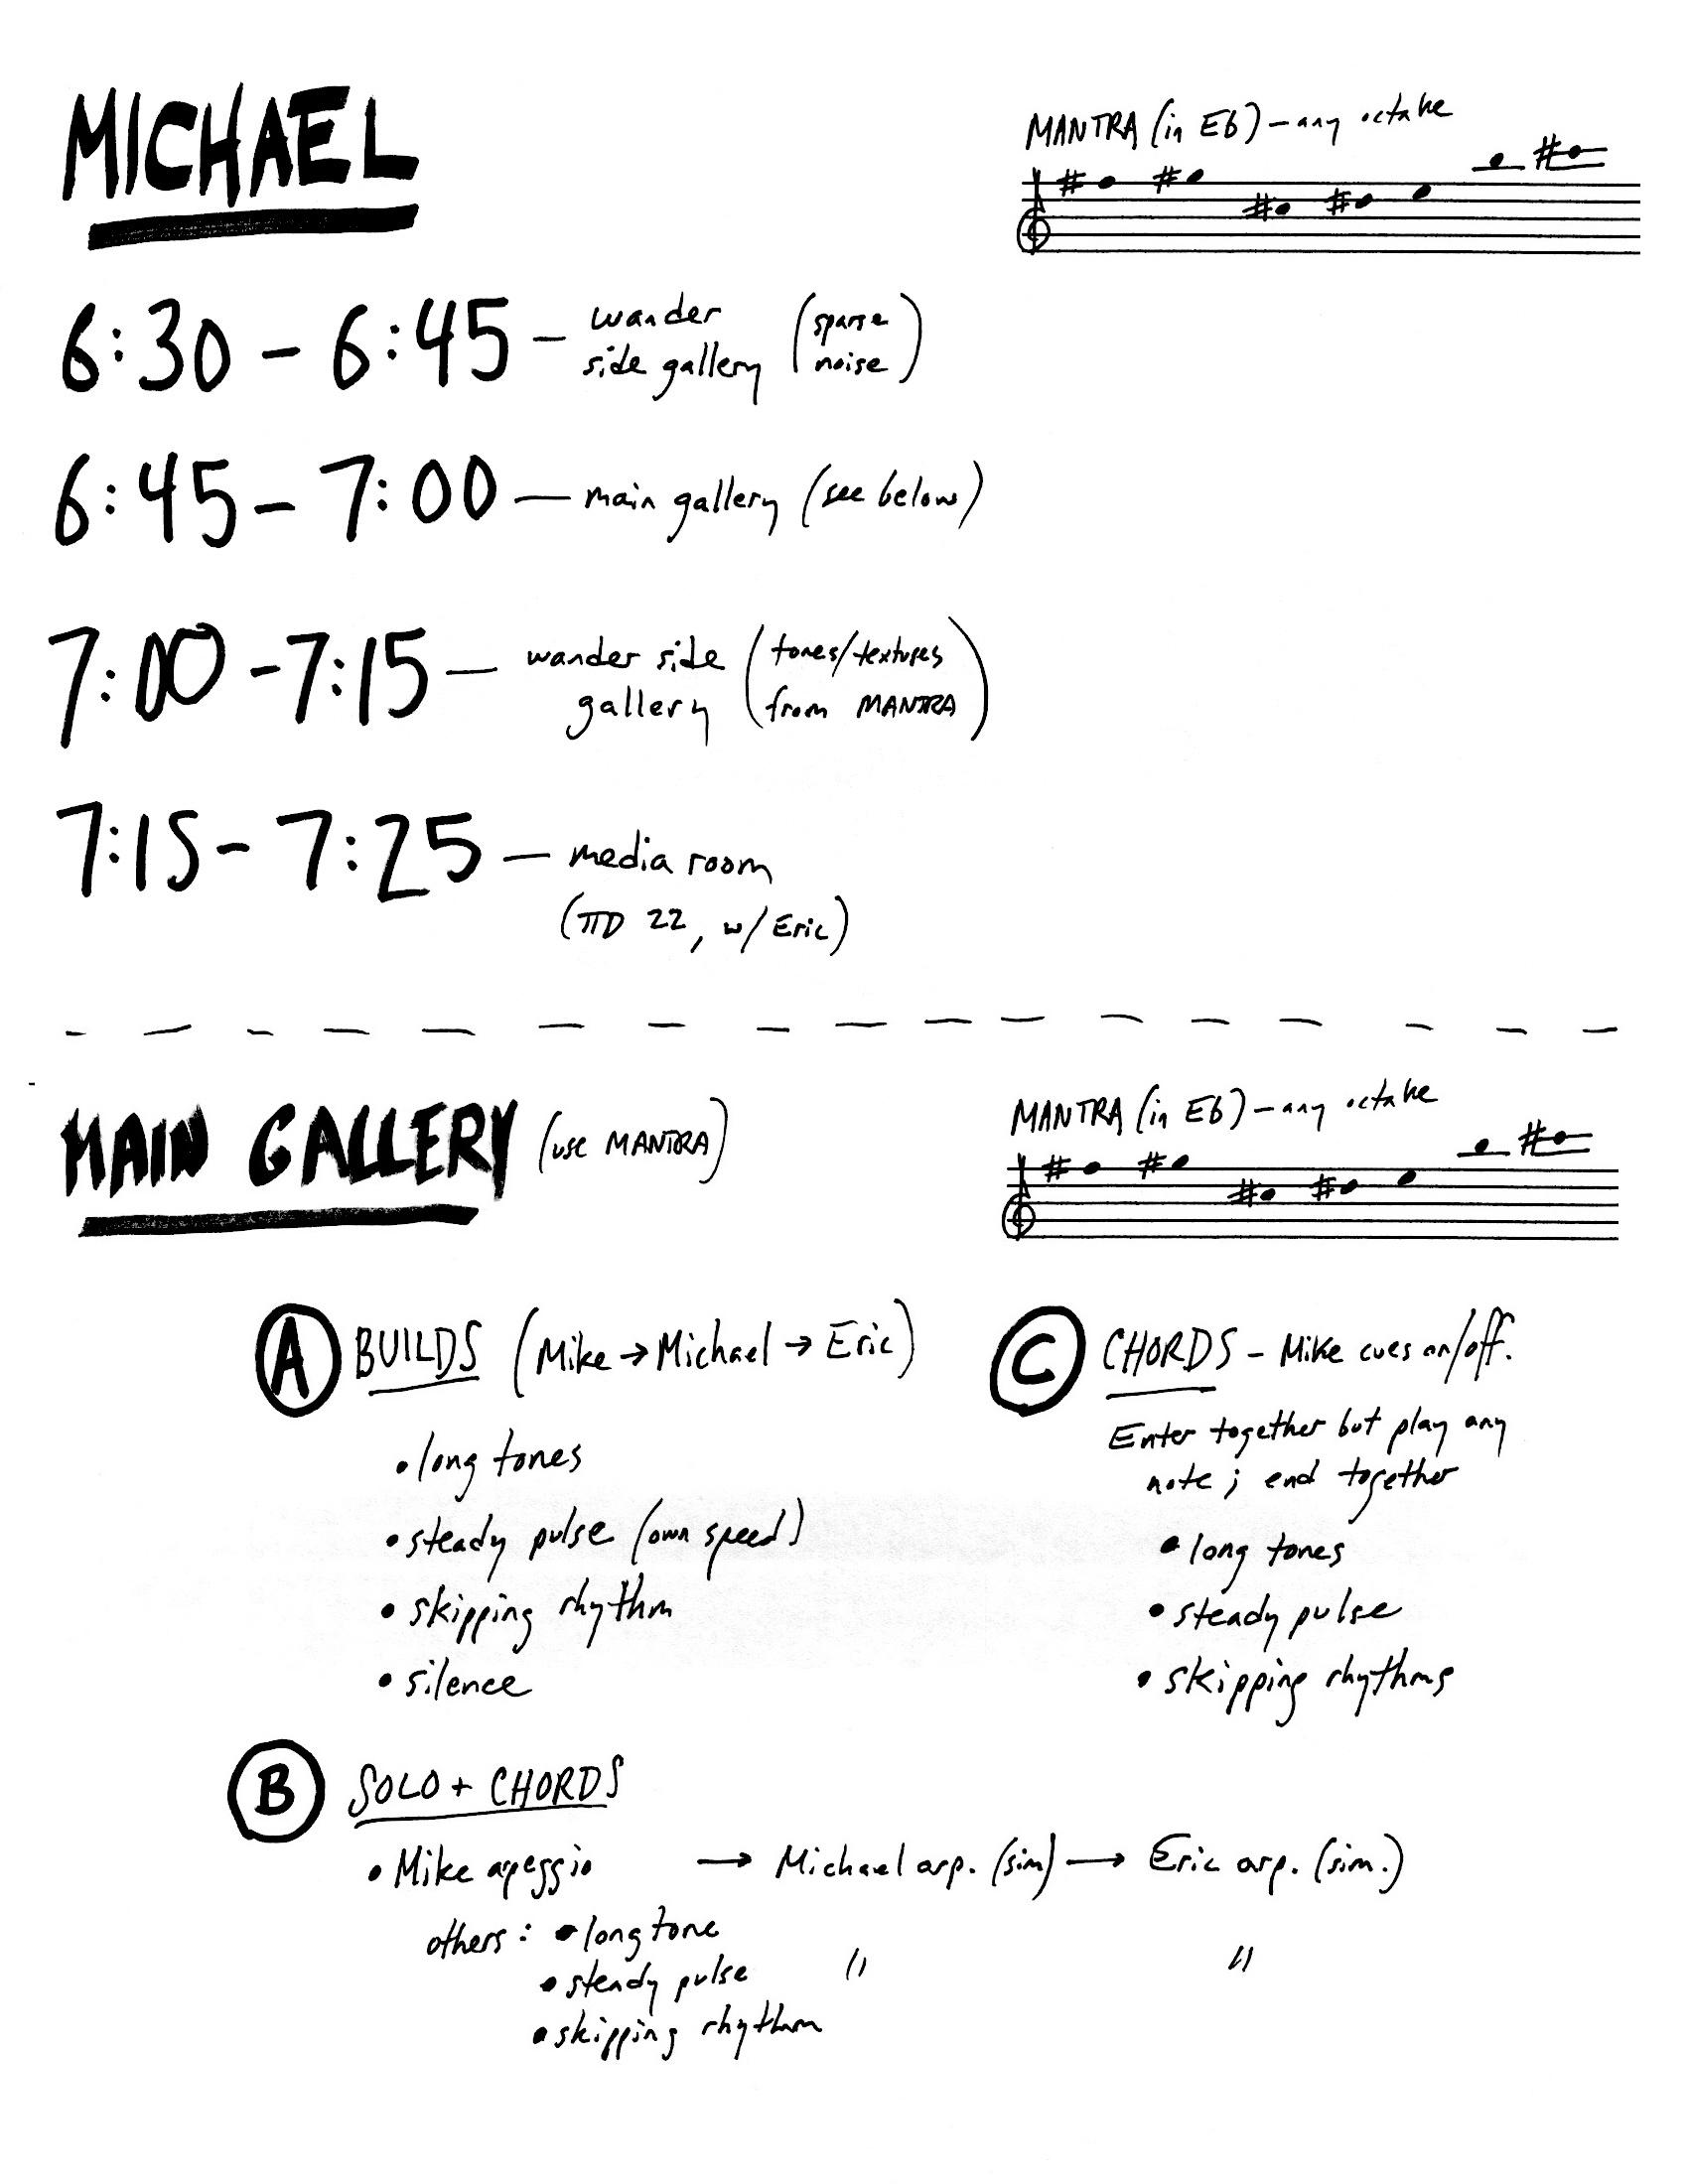 (performance schedule - excerpt)